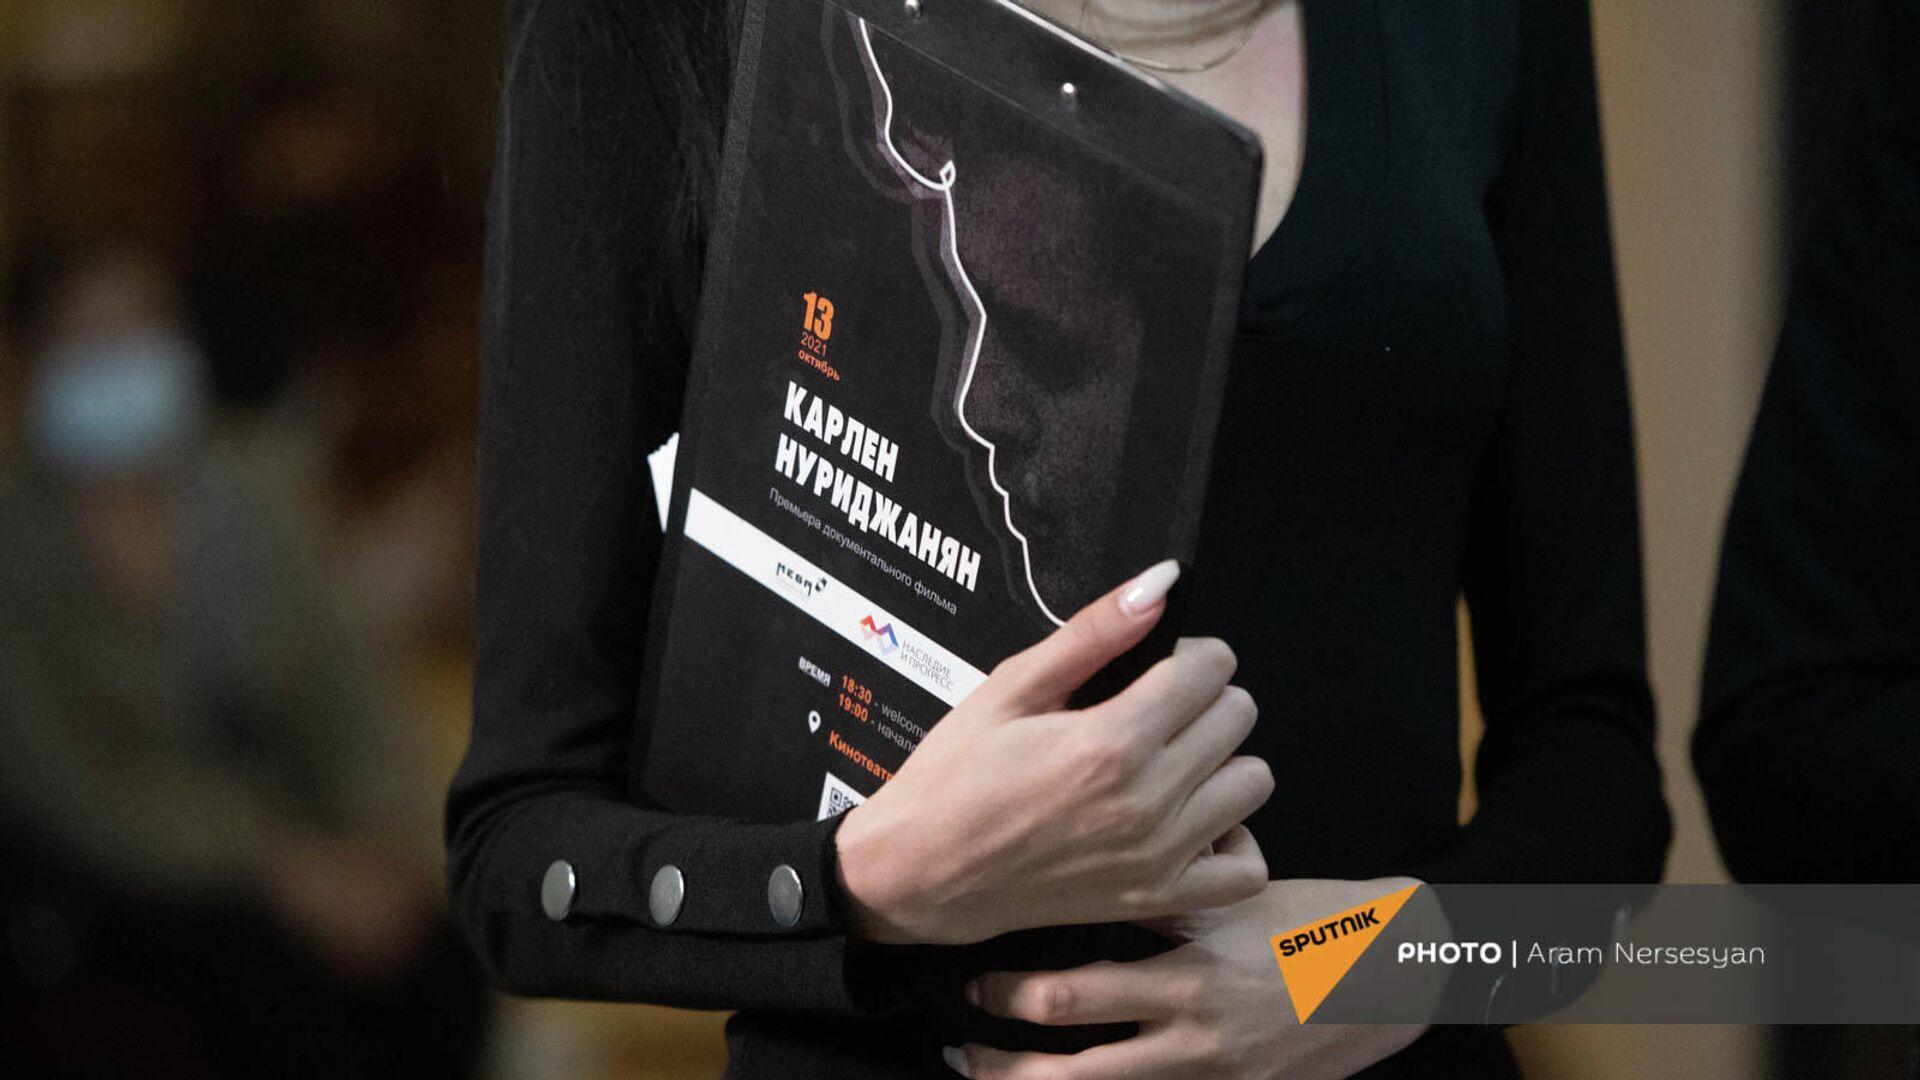 Премьера документального фильма Карлен Нуриджанян в кинотеатре Москва (13 октября 2021). Еревaн - Sputnik Արմենիա, 1920, 13.10.2021